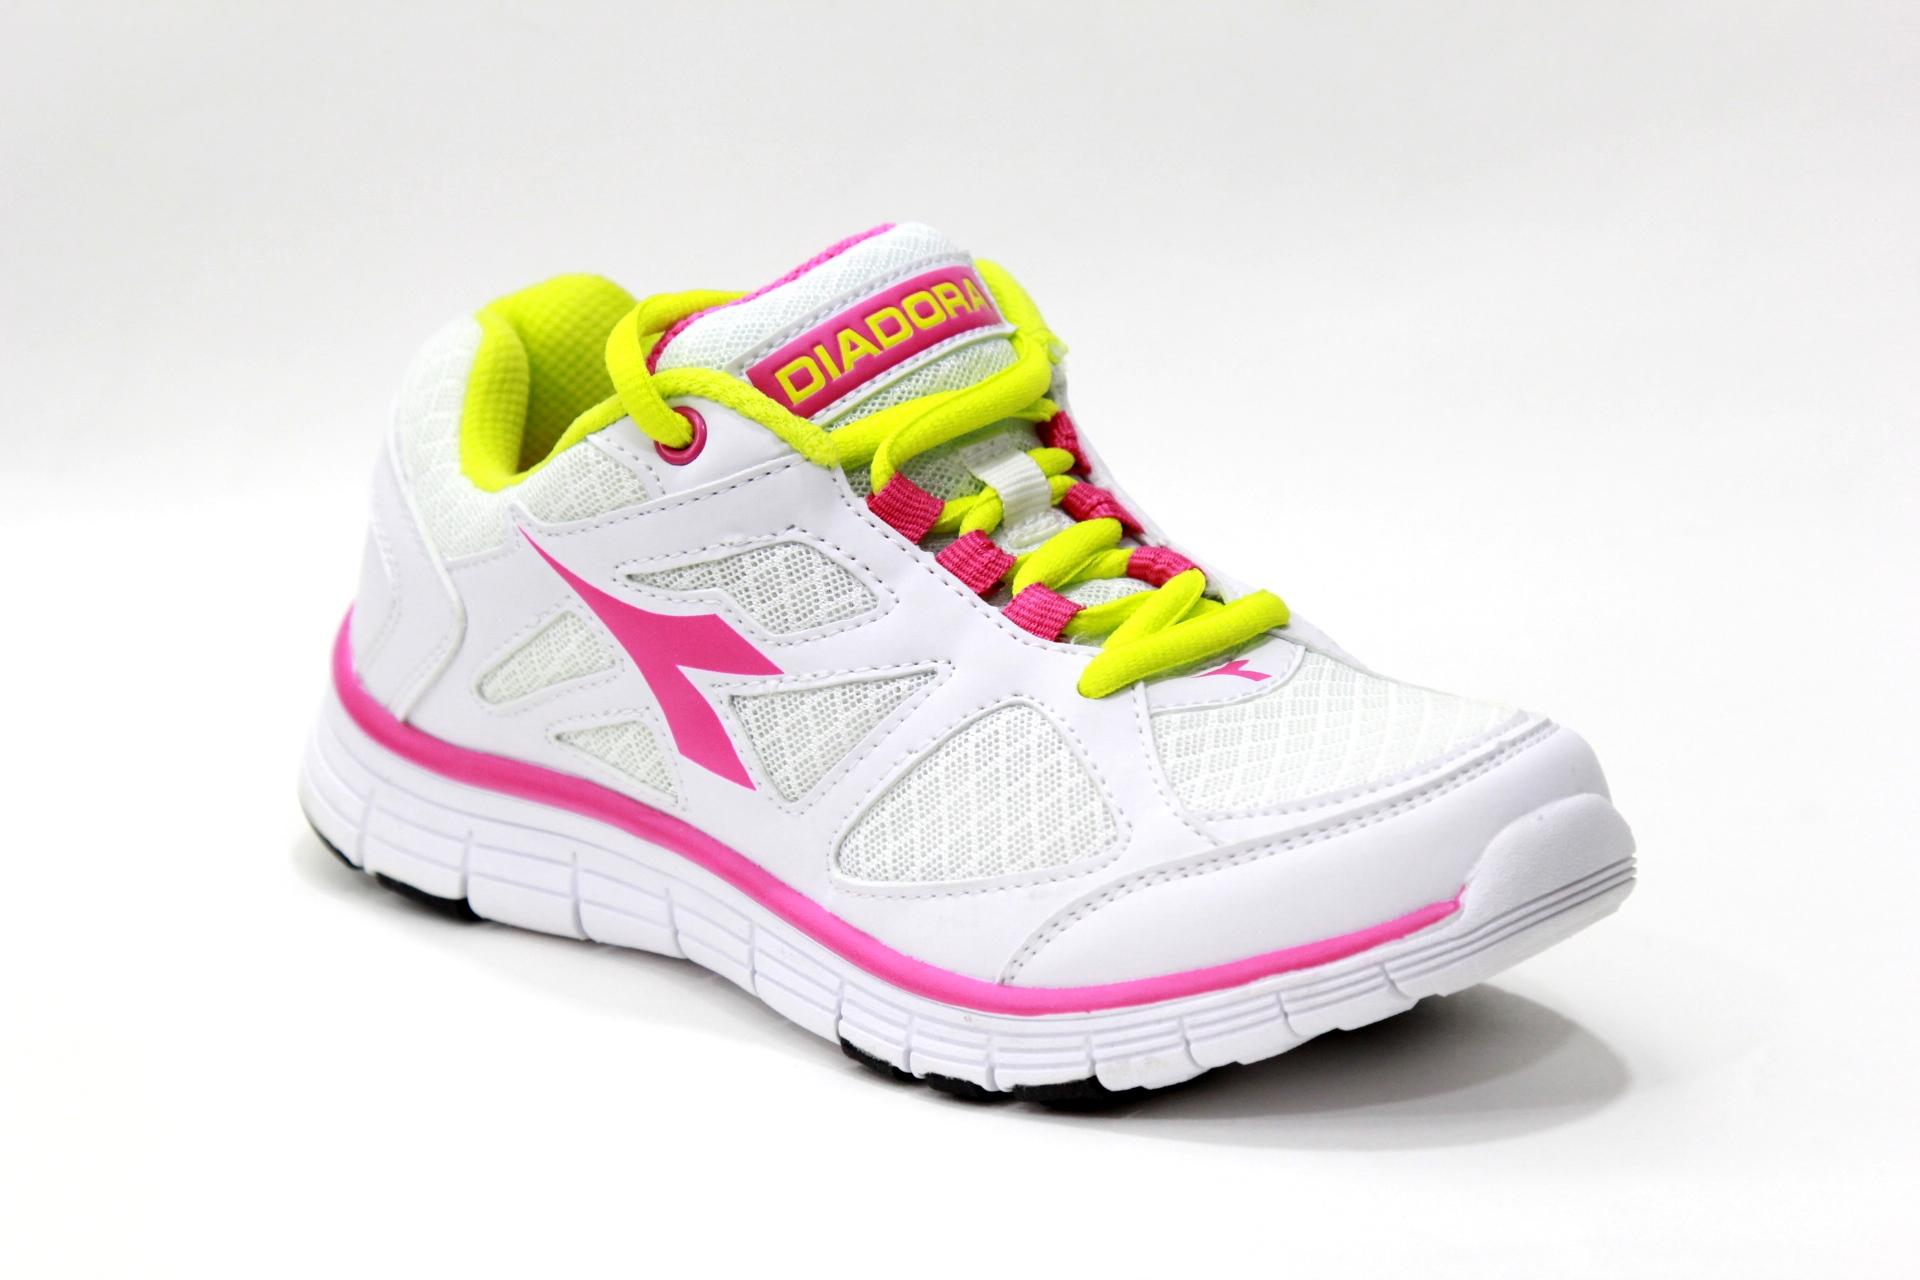 Acquistare scarpe diadora tennis donna Economici> OFF51